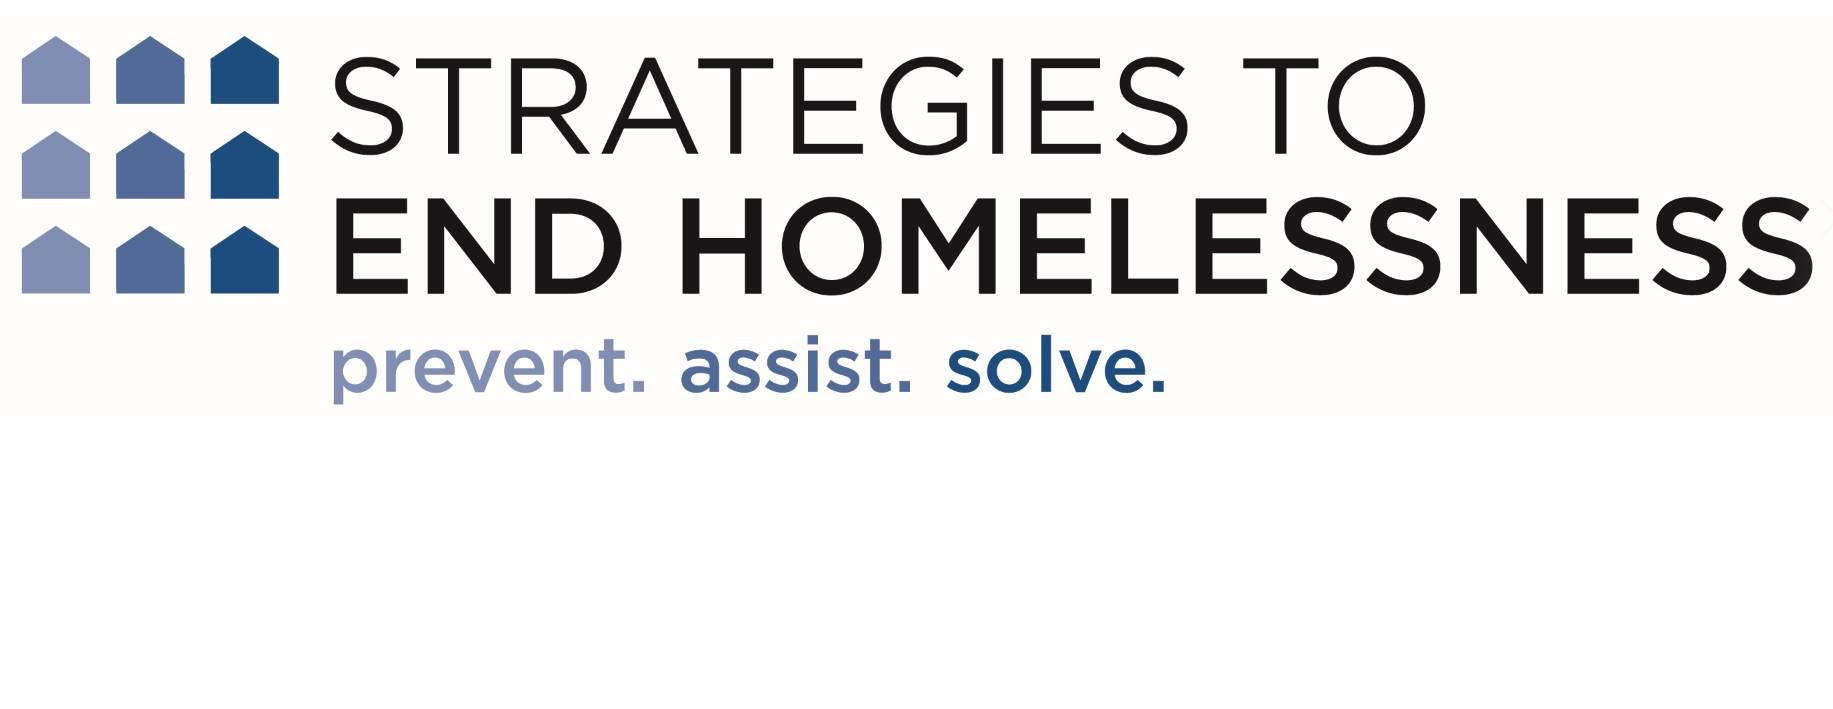 strategies end homelessness slide